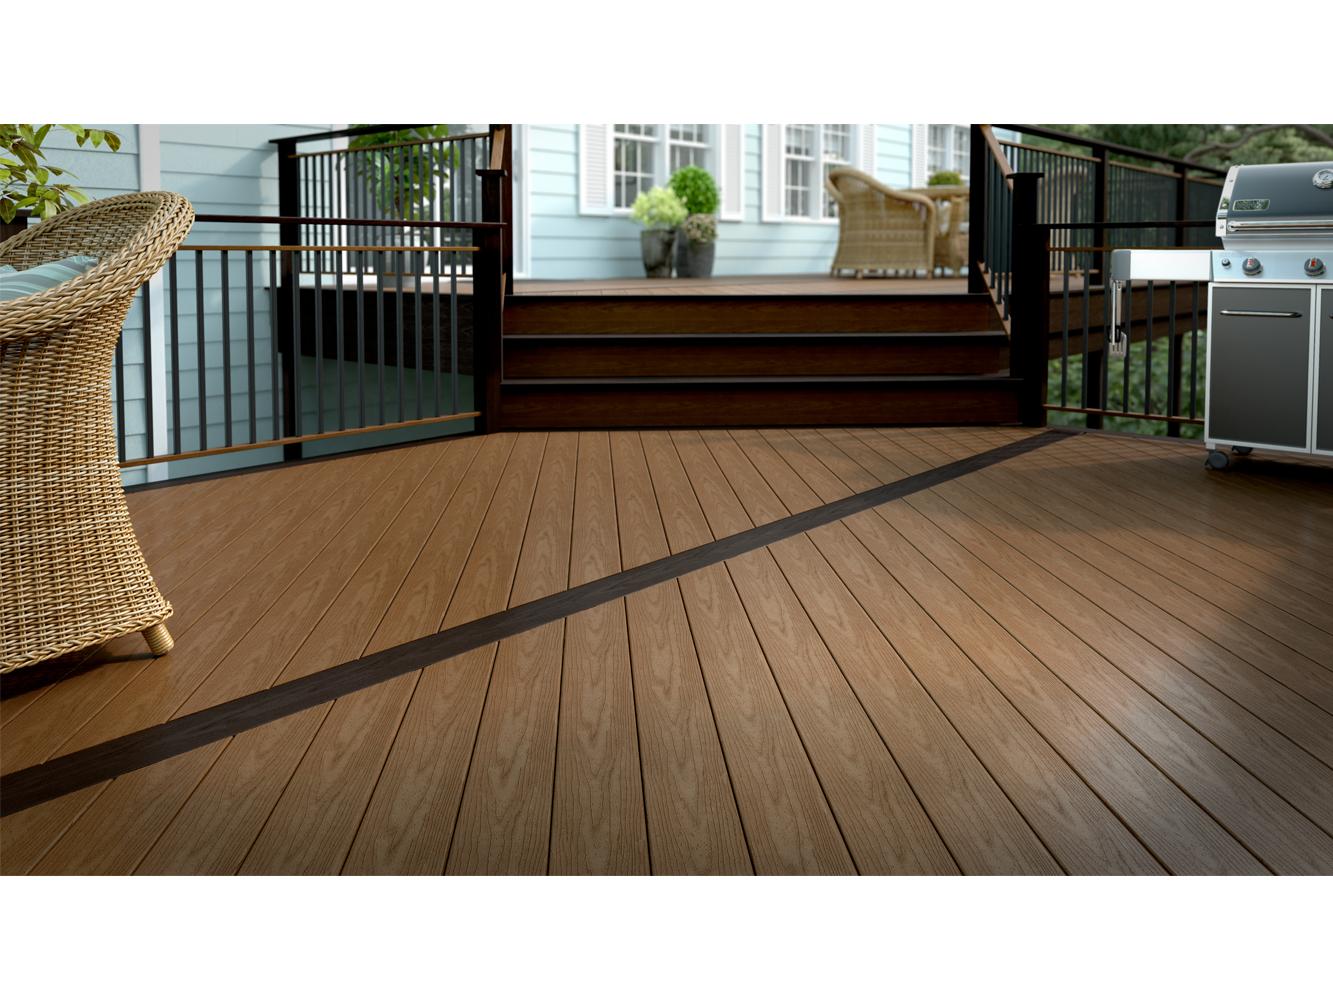 pix-us-cg-brown-deck